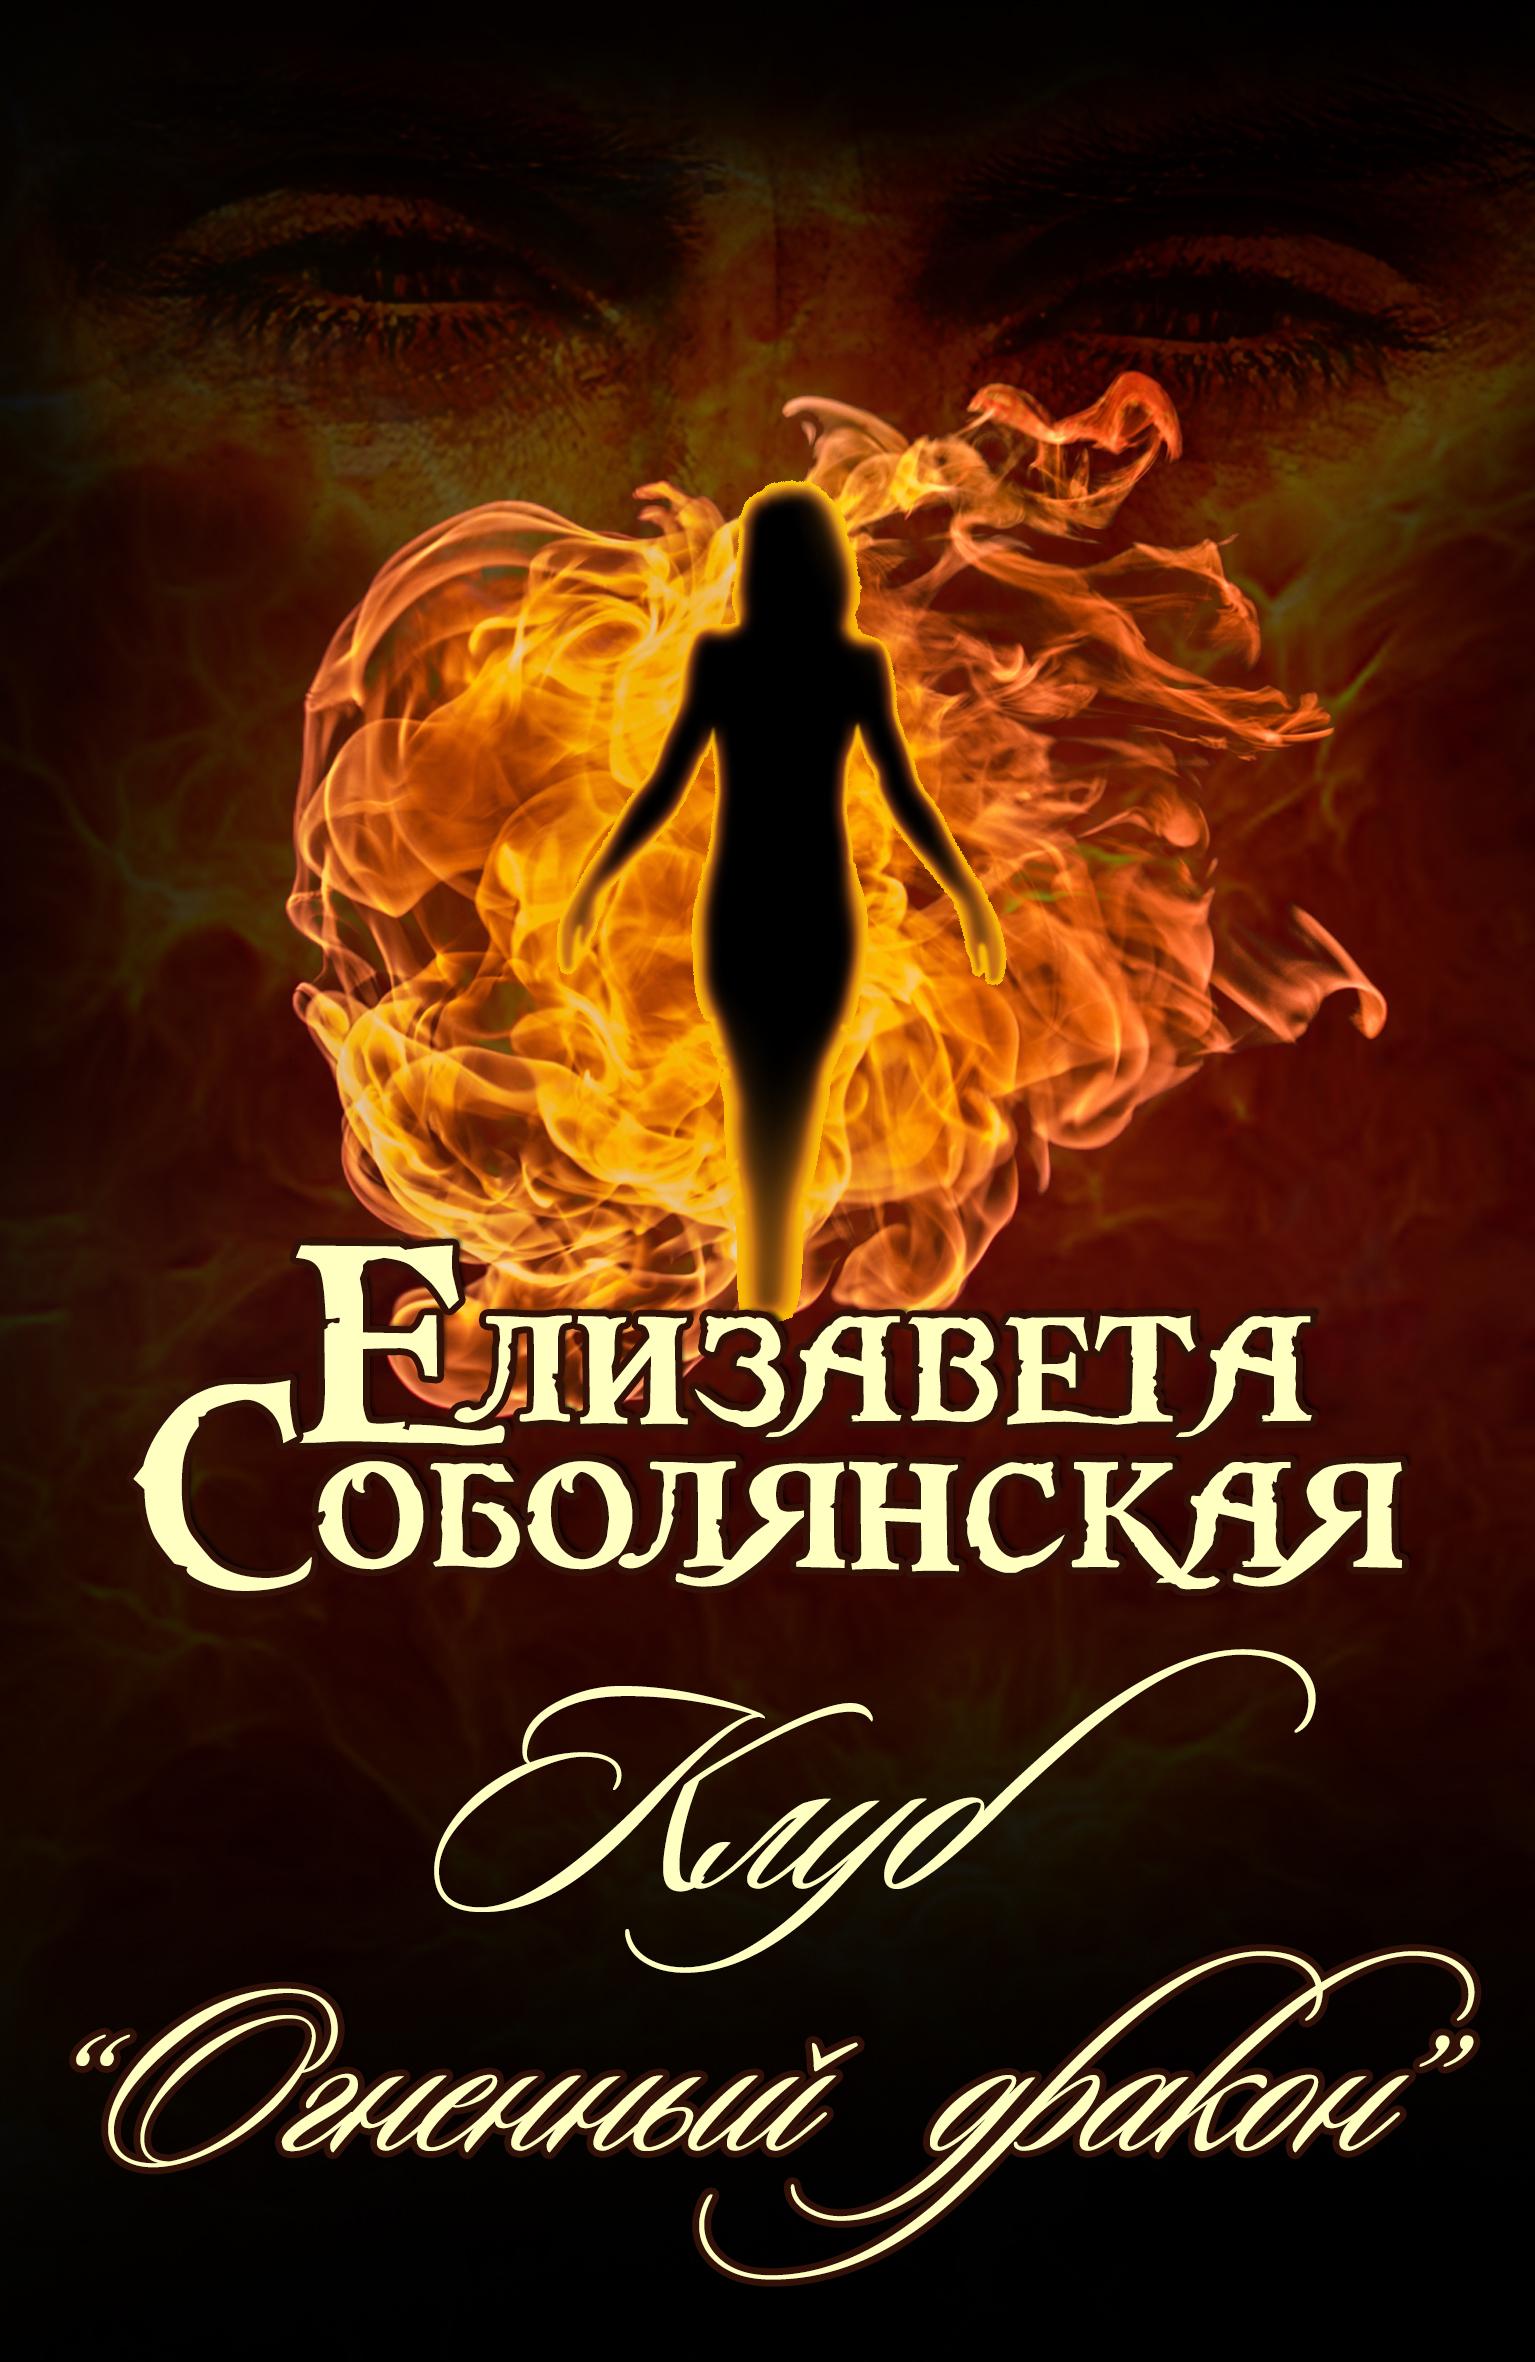 Купить книгу Клуб «Огненный дракон», автора Елизаветы Владимировны Соболянской